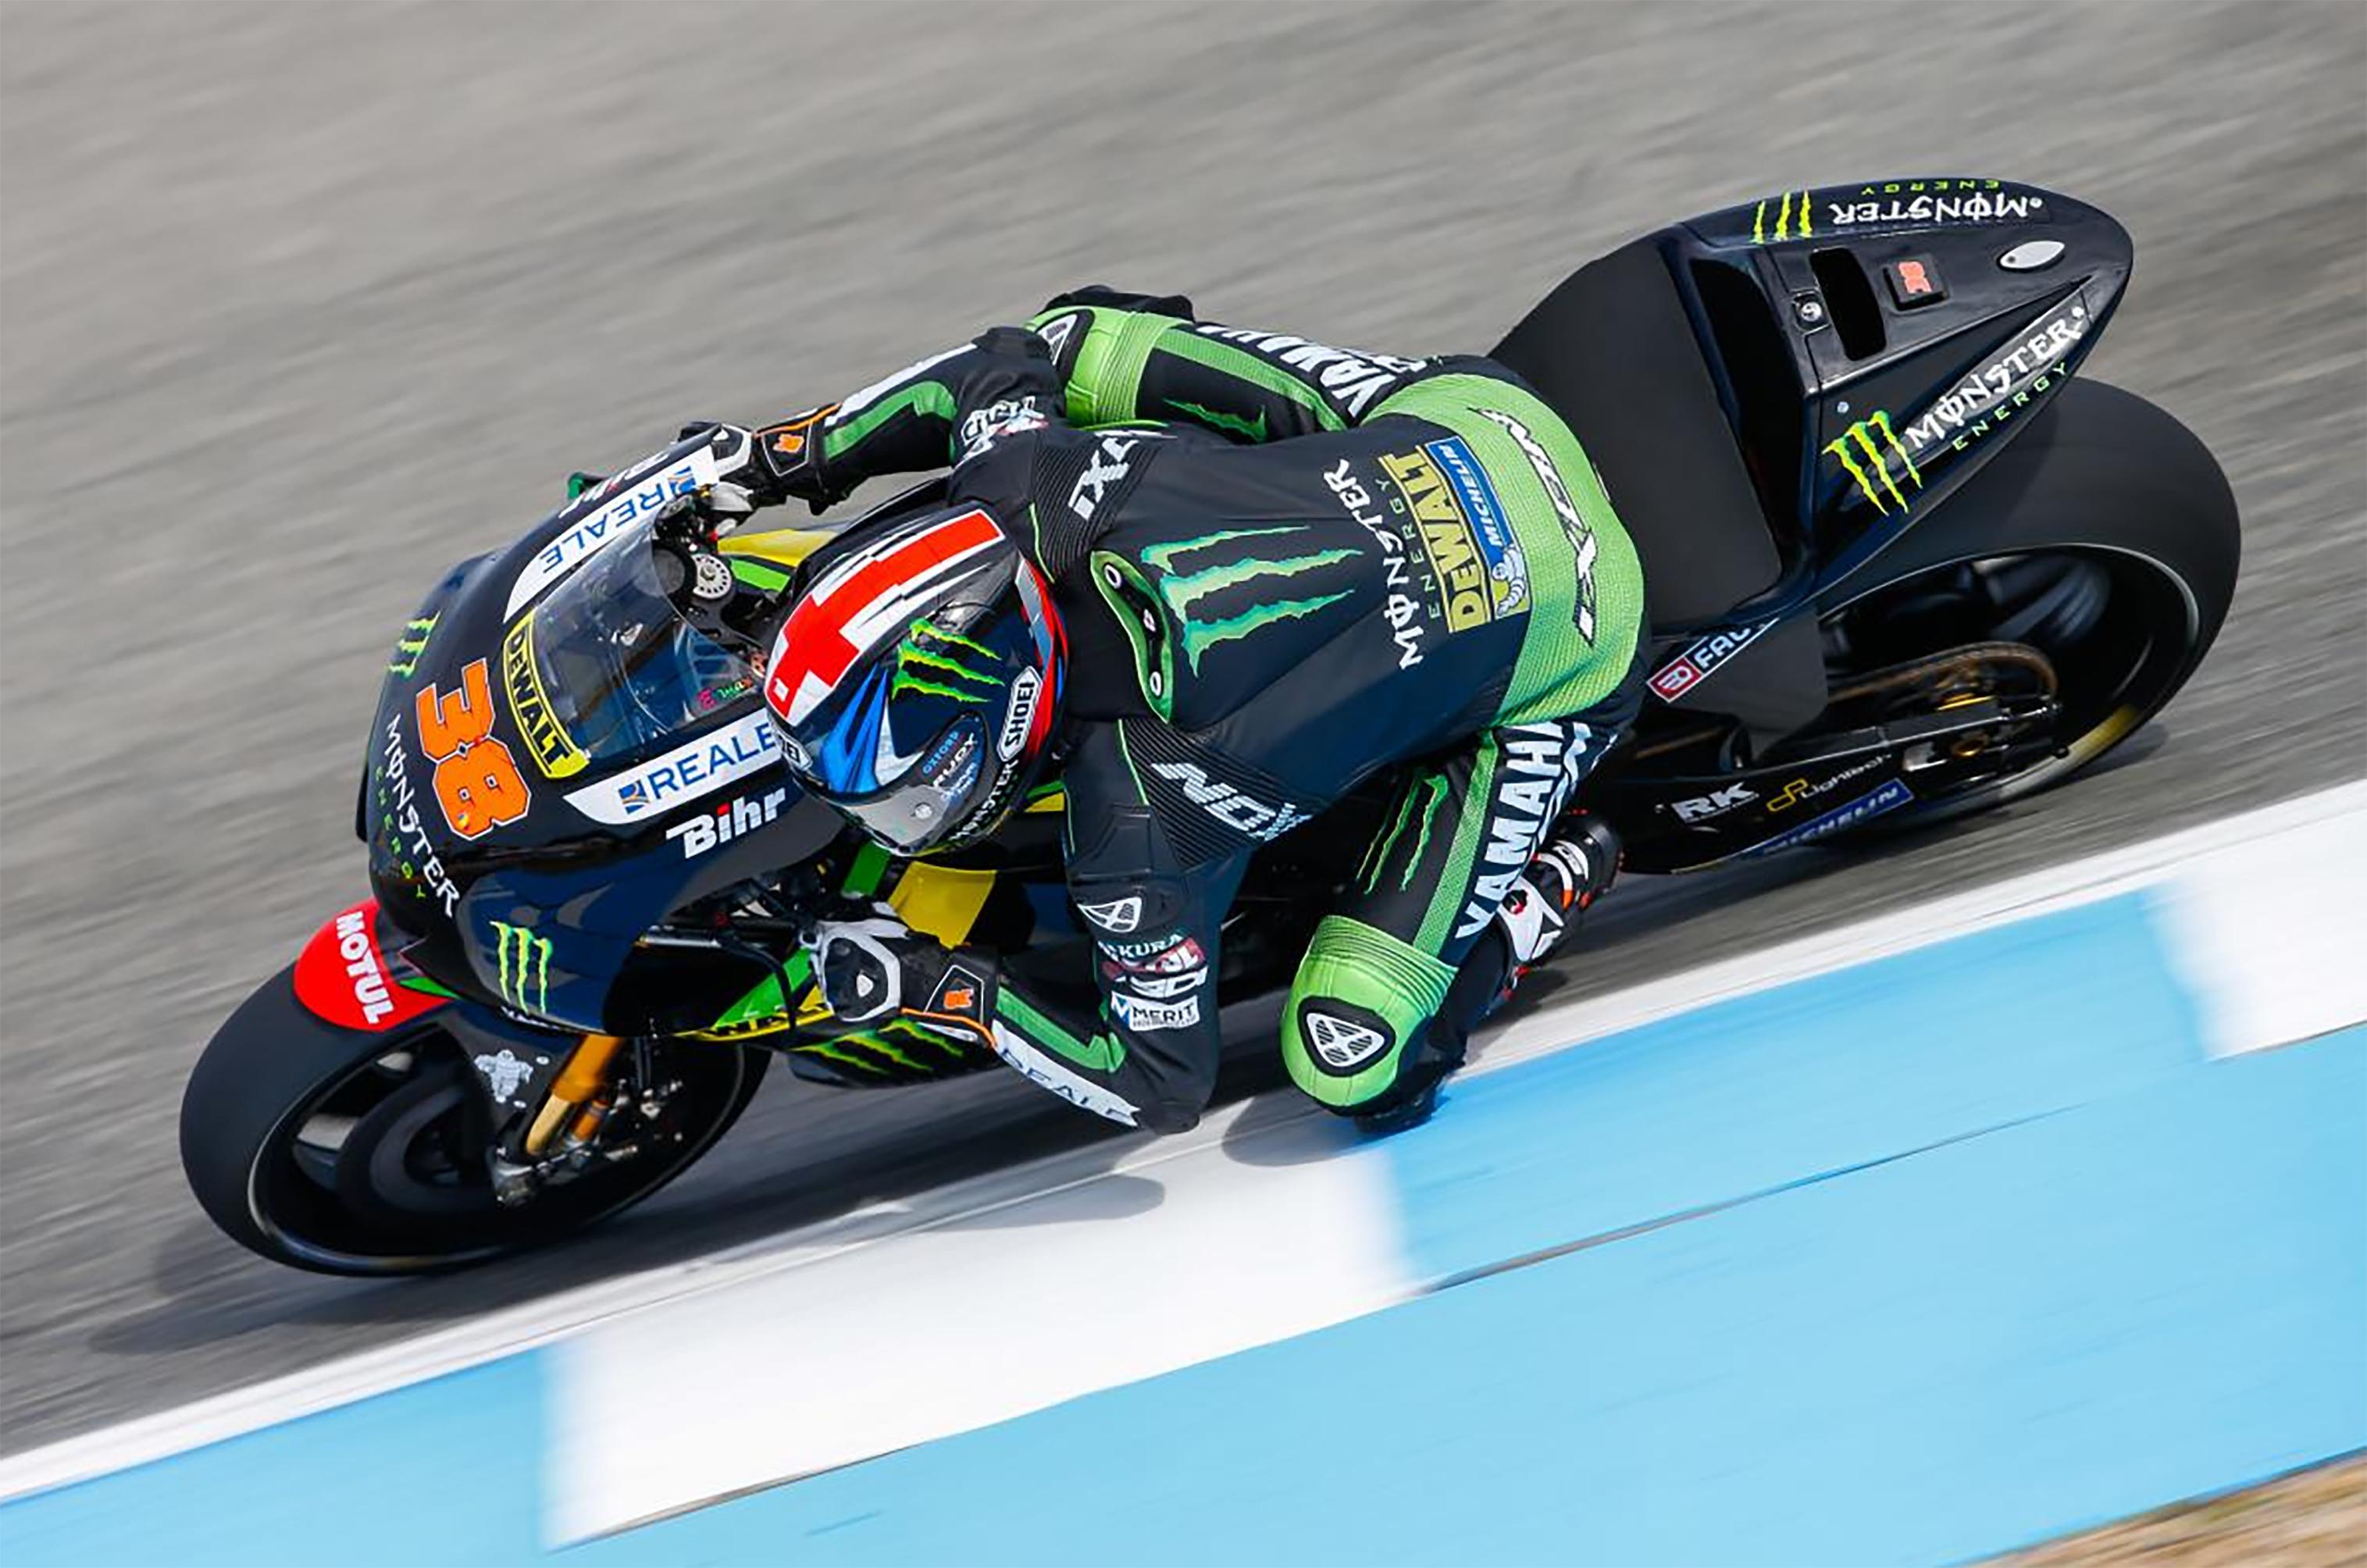 Bradley Smith, pilote MotoGP participant au développement de l'airbag In&Motion pour Ixon